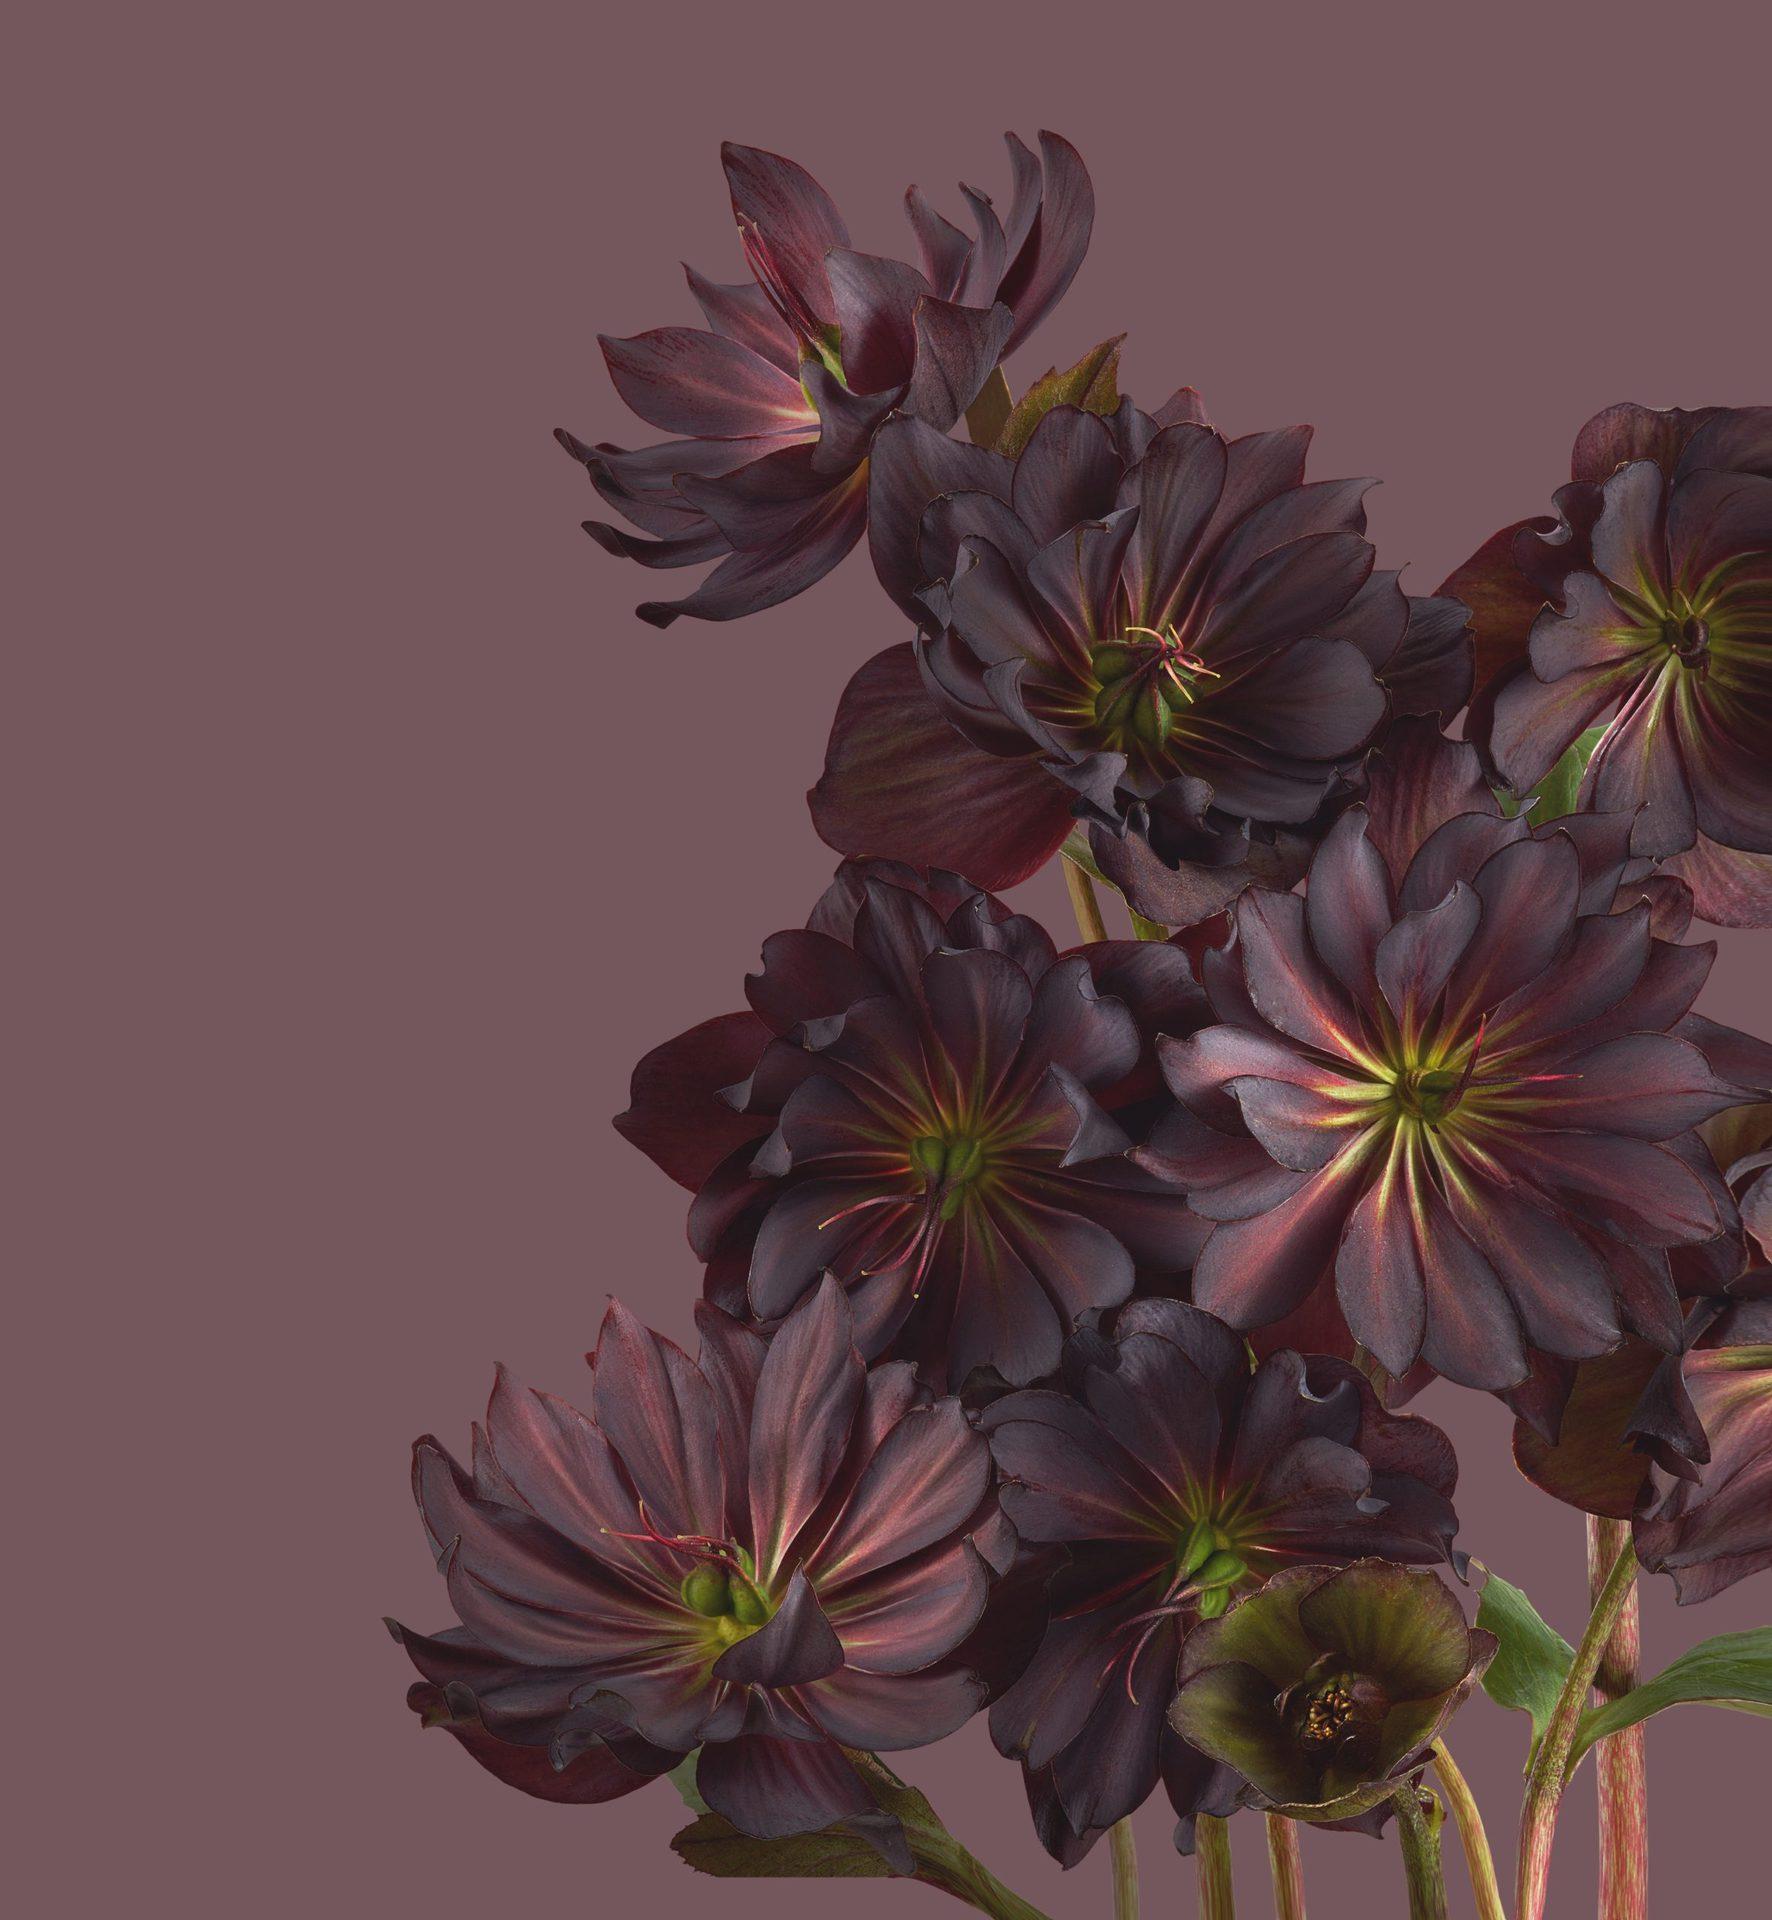 Pixel 6 Pro Wallpaper Hellebores light by Andrew Zuckerman